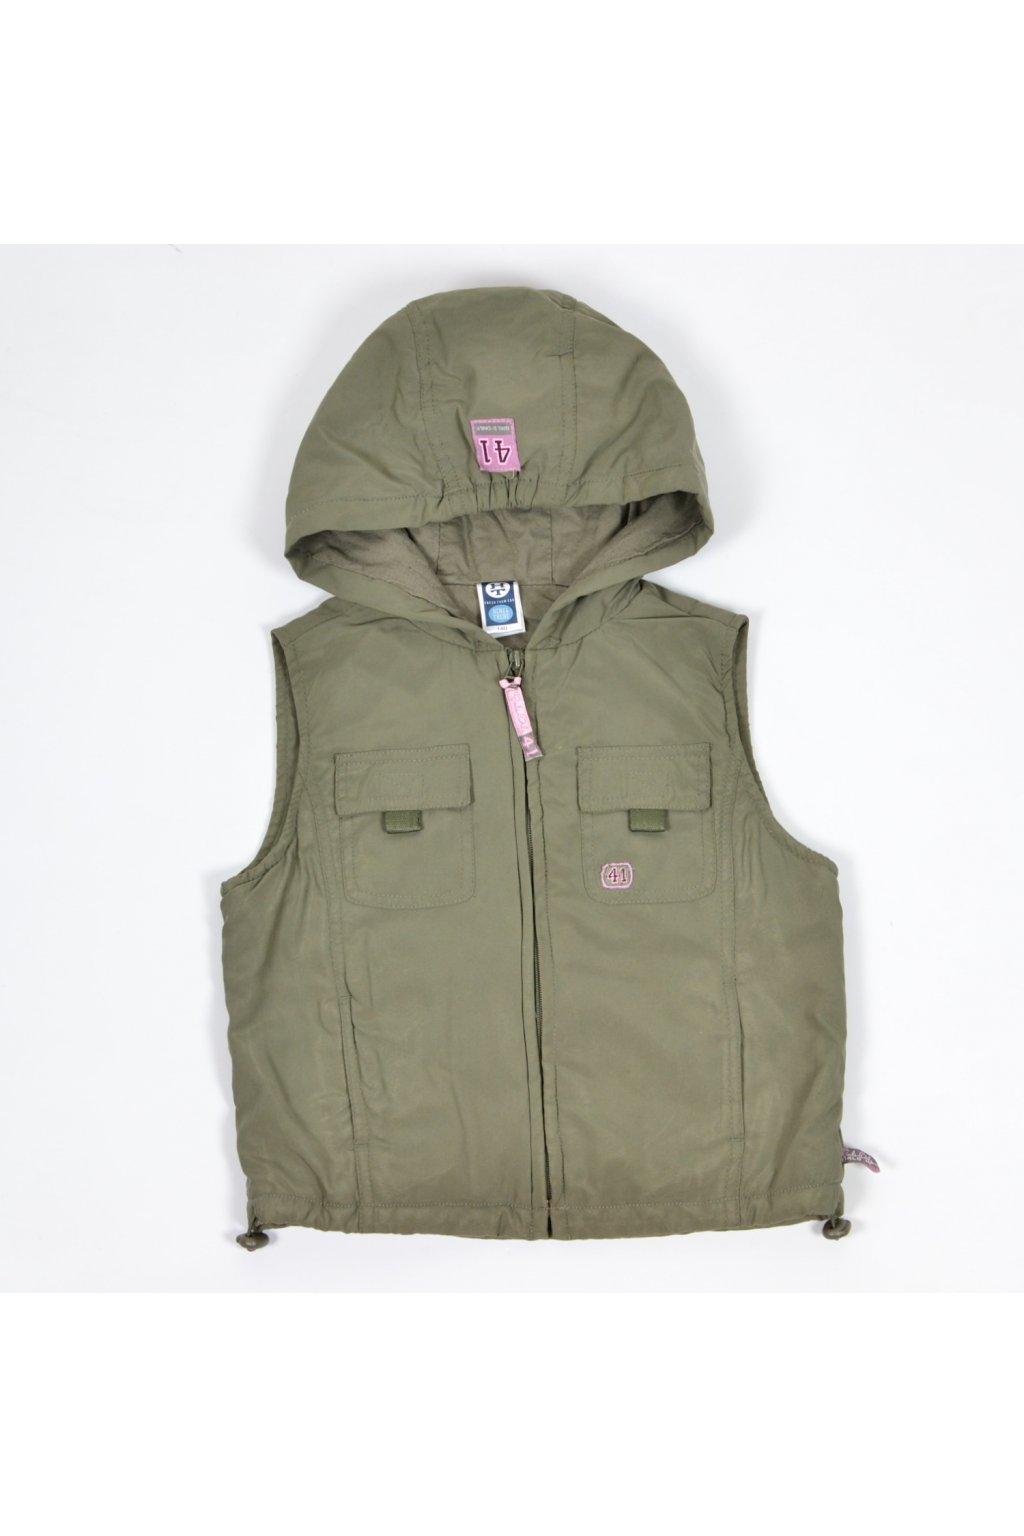 Bunda vesta přechodní C&A 140/9-10 khaki zelená